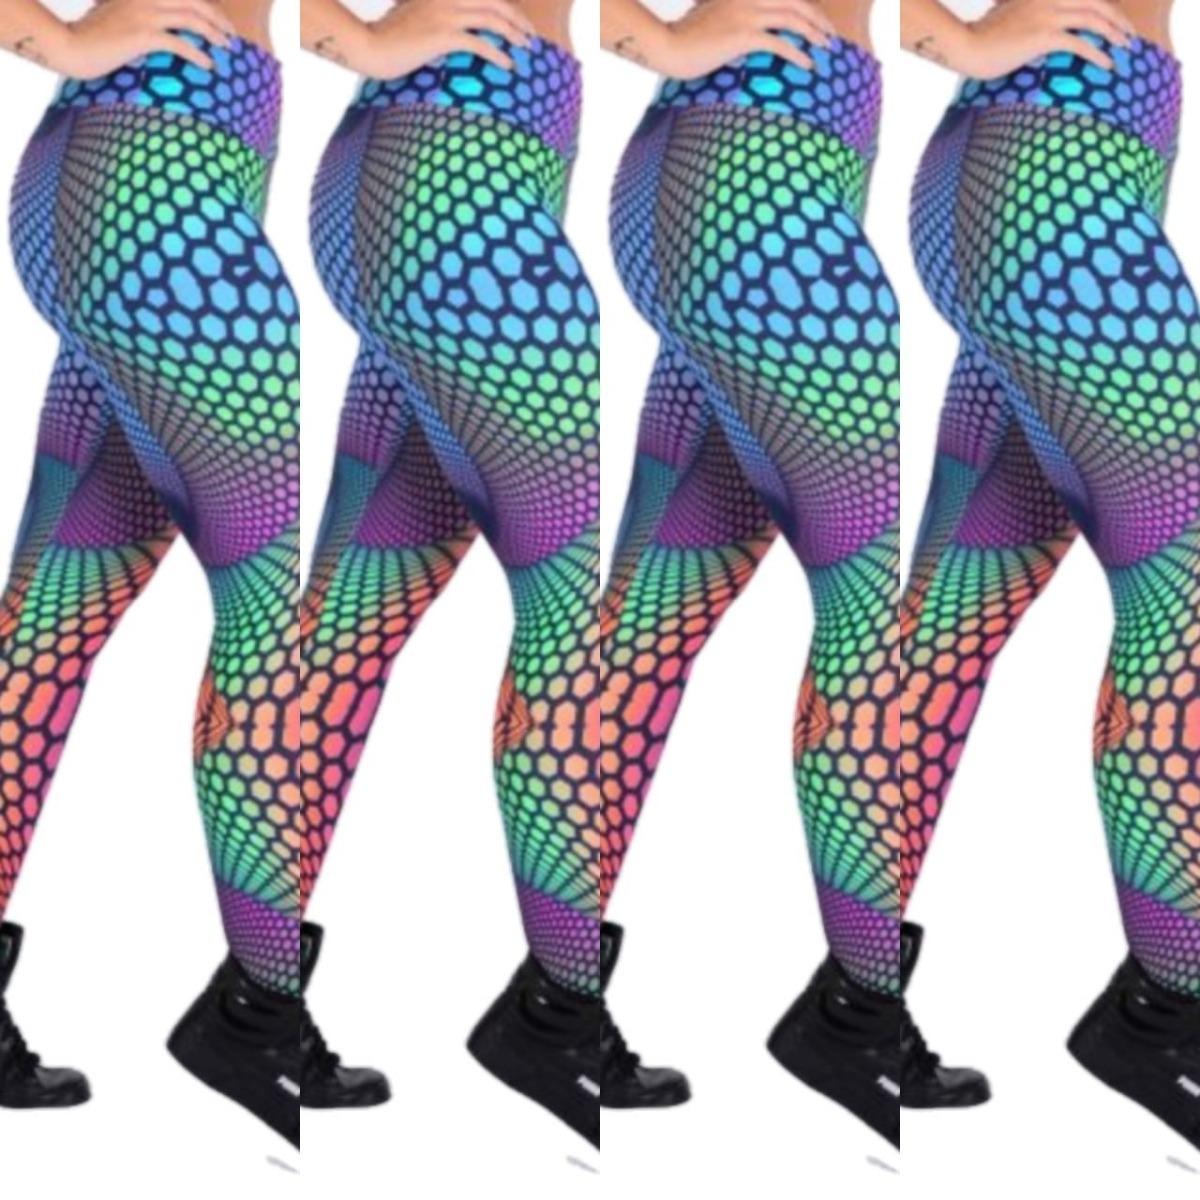 6ad1158f9 5 Calças Legging Estampada Moda Fitness Feminina Atacado - R  79